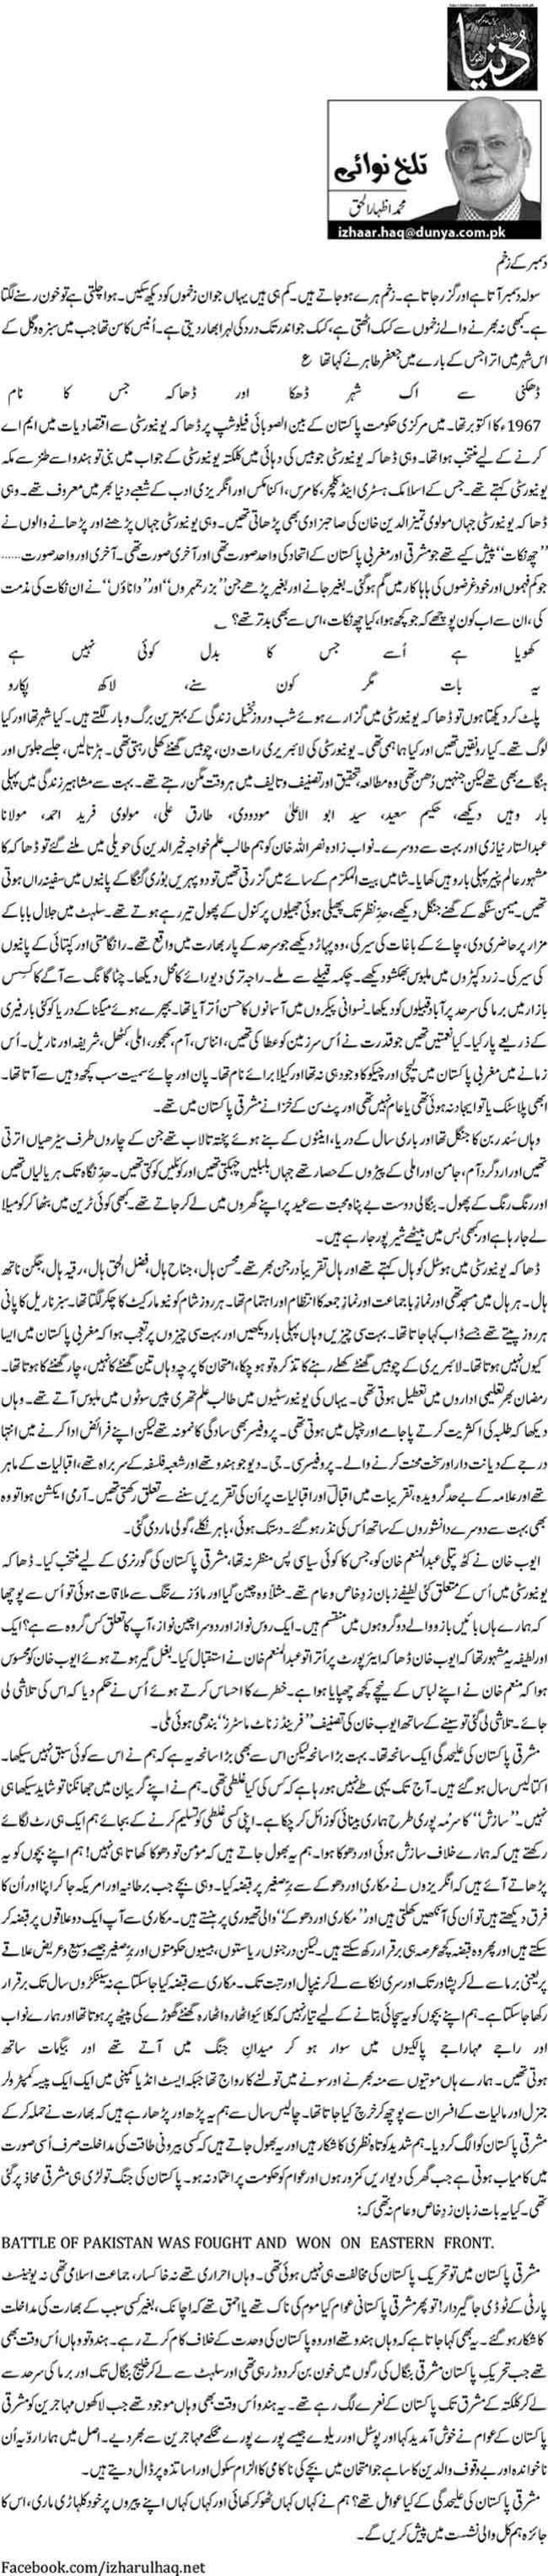 December k zakham - M. Izhar ul Haq